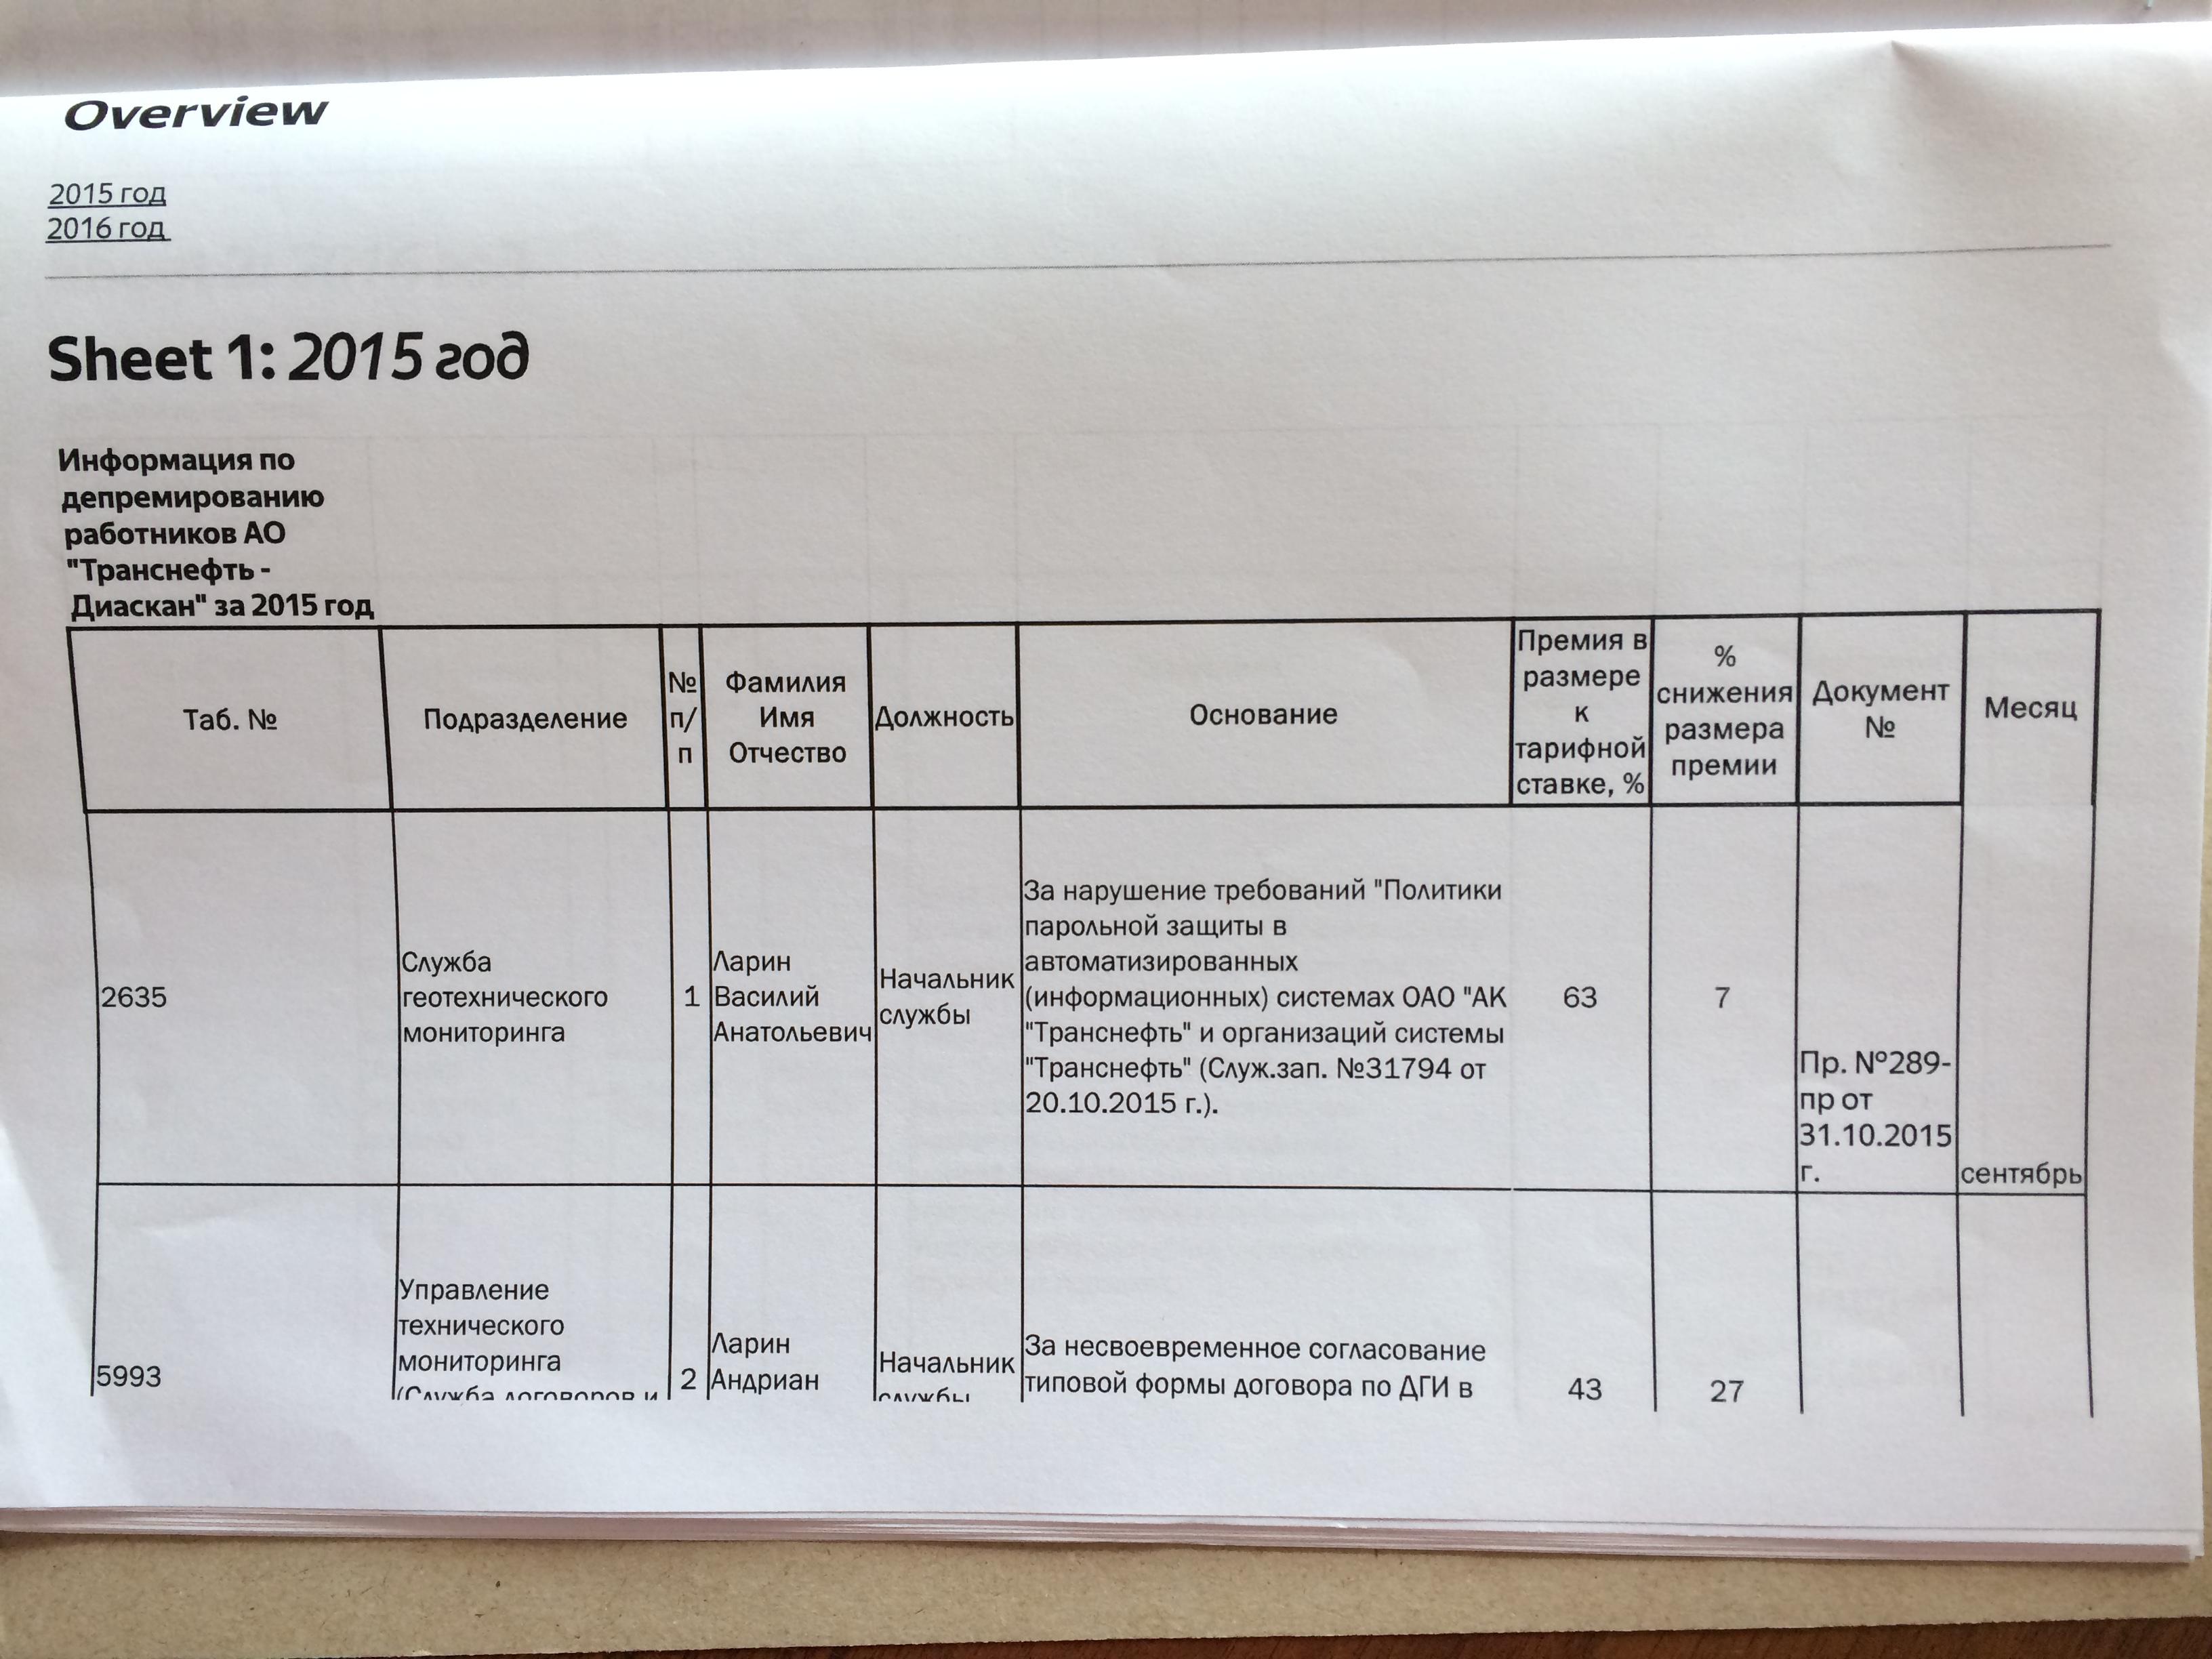 Фото документов проверки Луховицкой городской прокуратурой - 57 (5)